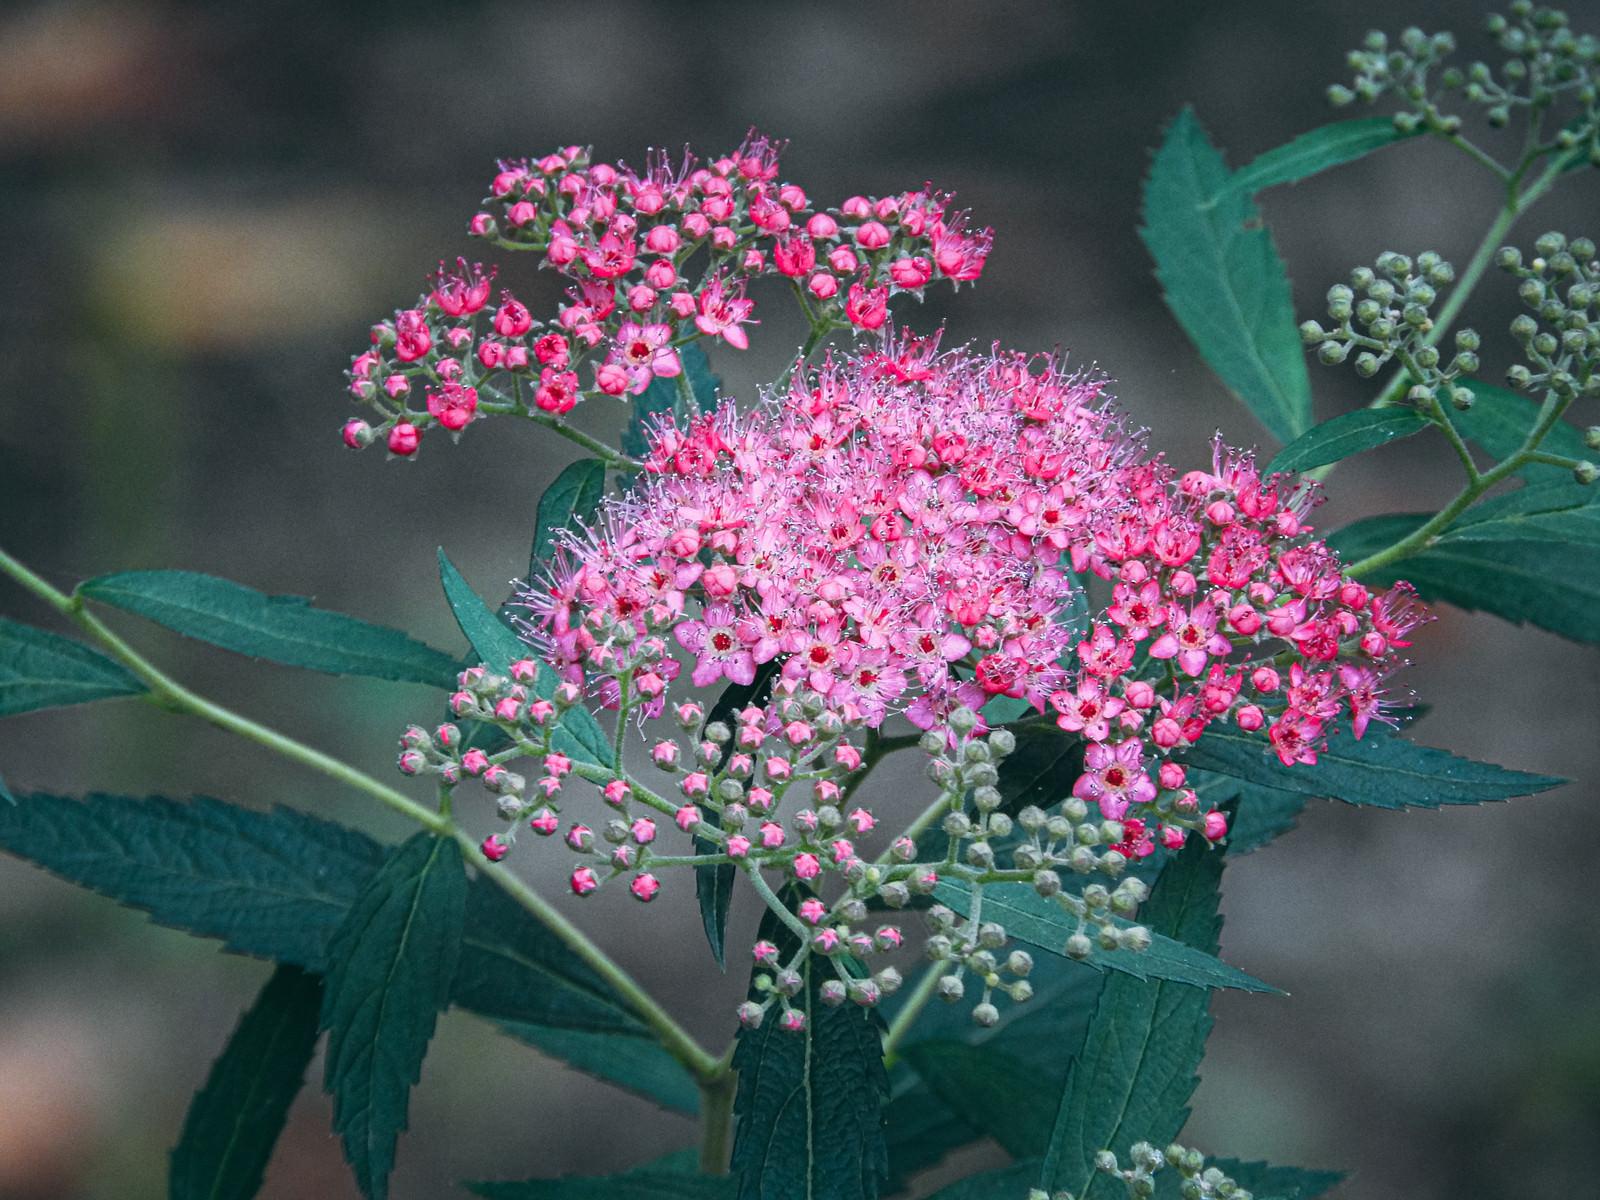 「枝先に集まるように小さな花を咲かせるシモツケ」の写真